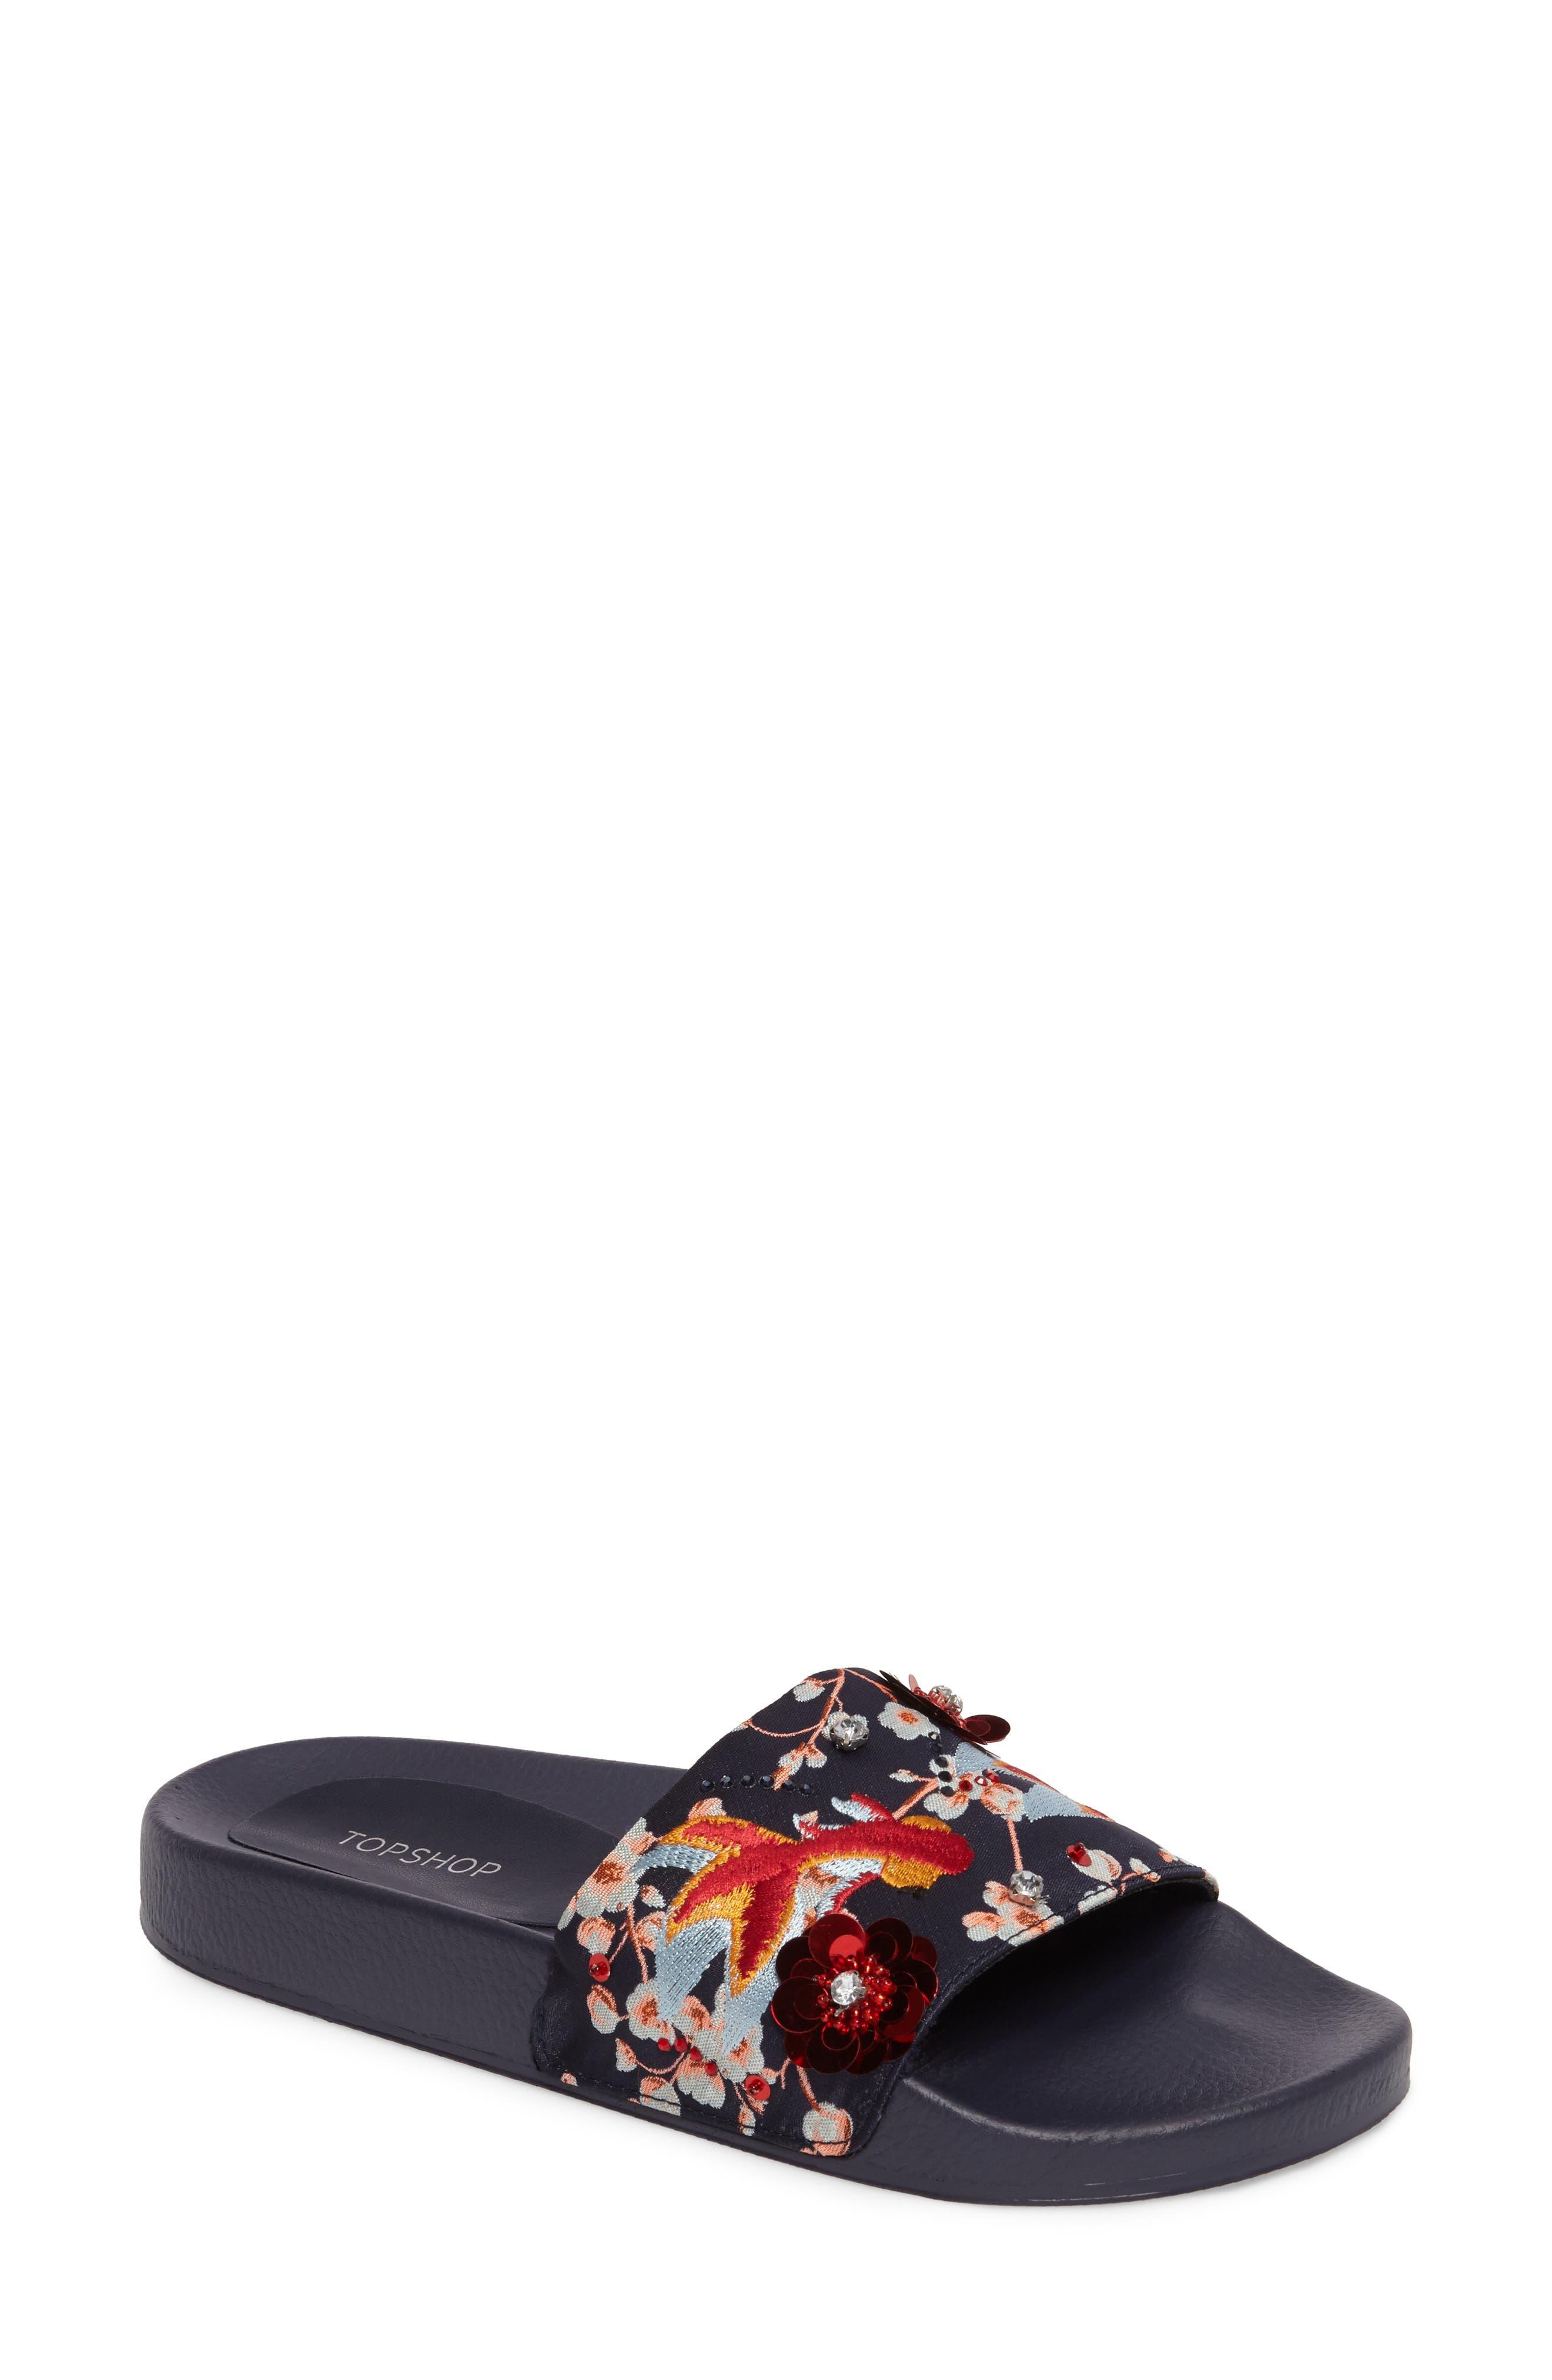 HERRING Goldfish Embellished Slide Sandal,                         Main,                         color, 001